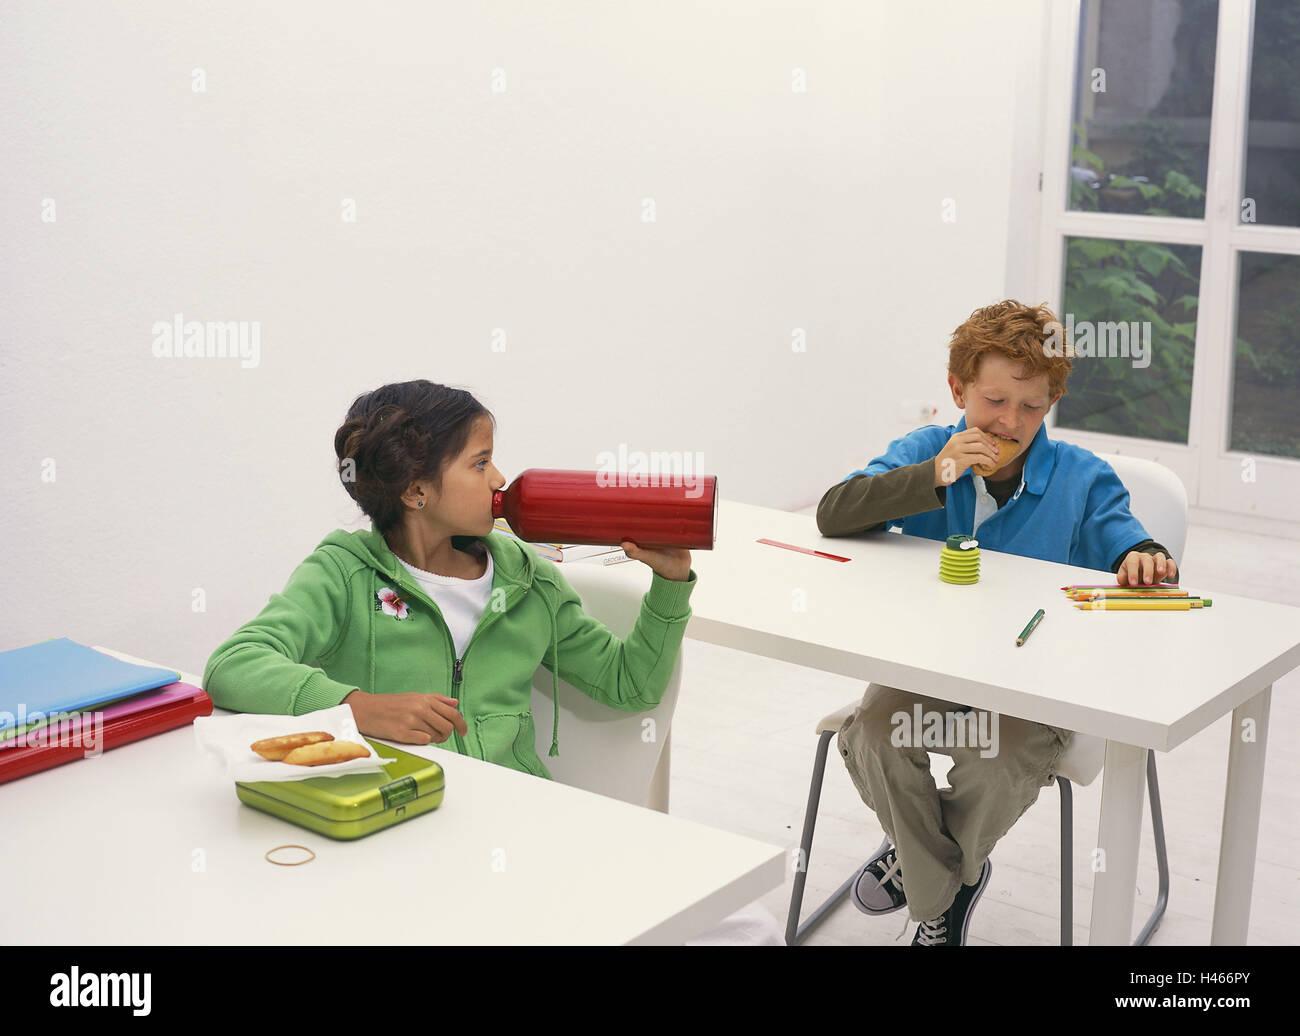 Klassenzimmer, Pause, Schuljunge, Essen, trinken, Schule, Schulbänke, Schulferien, Unterricht, Pause, Person, Stockbild